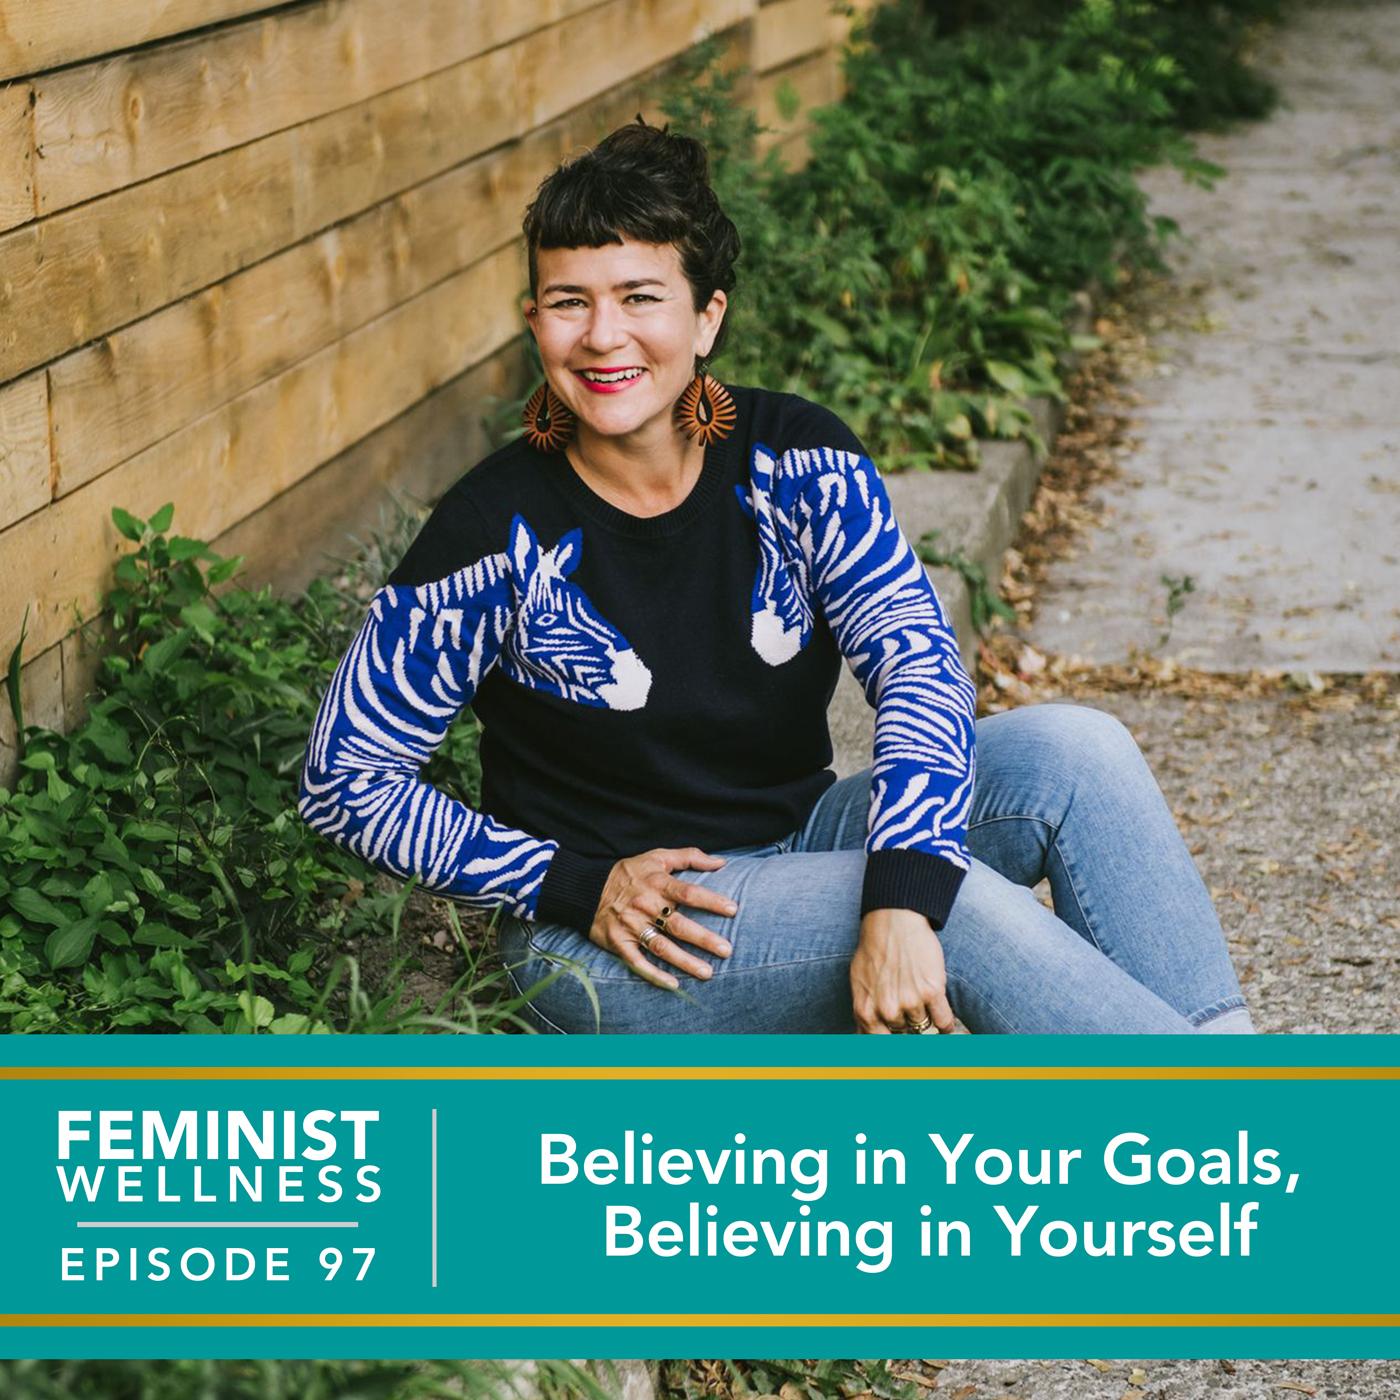 Believing in Your Goals, Believing in Yourself